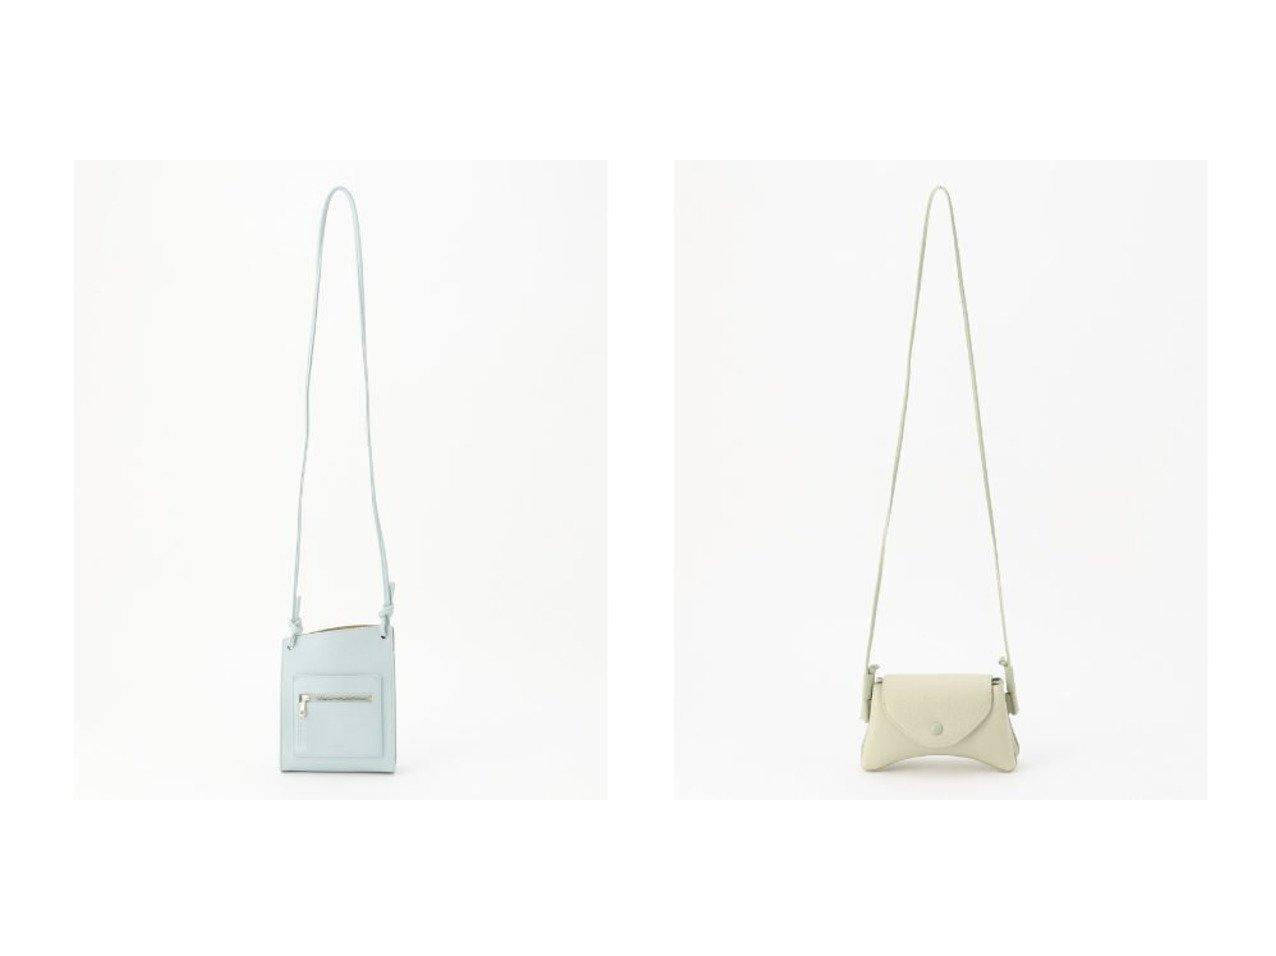 【KUMIKYOKU/組曲】のラウンド ショルダーバッグ&シェイプシュリンク ショルダーバッグ バッグ・鞄のおすすめ!人気、トレンド・レディースファッションの通販 おすすめで人気の流行・トレンド、ファッションの通販商品 メンズファッション・キッズファッション・インテリア・家具・レディースファッション・服の通販 founy(ファニー) https://founy.com/ ファッション Fashion レディースファッション WOMEN バッグ Bag 2021年 2021 2021 春夏 S/S SS Spring/Summer 2021 S/S 春夏 SS Spring/Summer シンプル スマート フォルム ラウンド フラップ ポシェット 財布 |ID:crp329100000025026